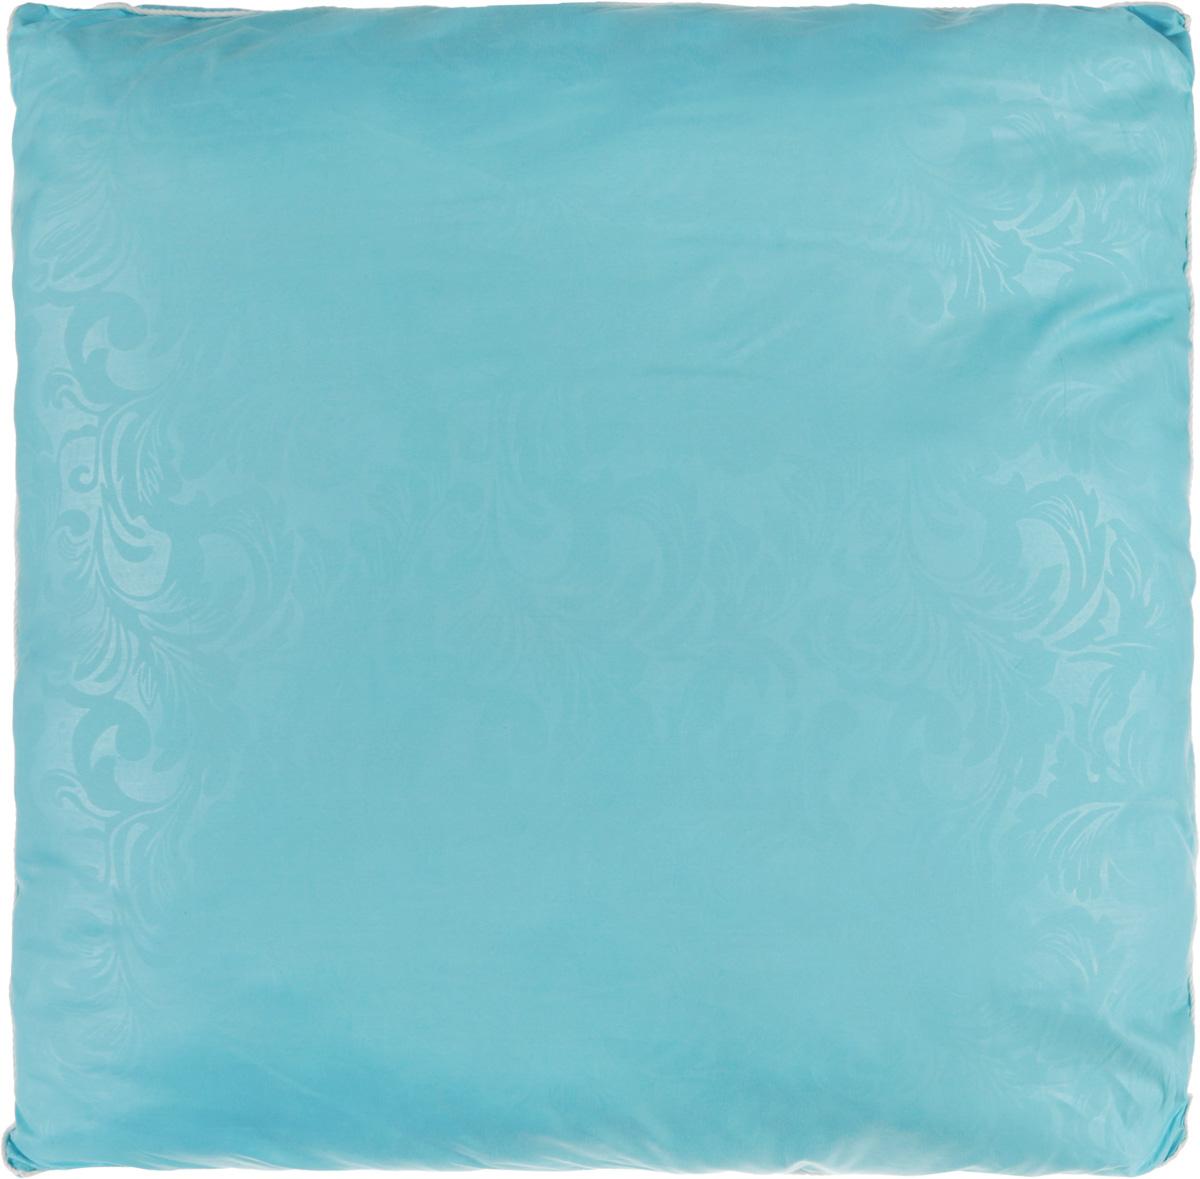 """Удобная и мягкая подушка Smart Textile """"Безмятежность"""" подарит здоровый сон и отличный отдых. Чехол подушки на молнии выполнен из микрофибры с красивым узором. В качестве наполнителя используется лебяжий пух с добавлением бамбукового волокна. Подушка мягкая, легкая и воздушная, бамбуковый наполнитель напоминает вату или синтепон.  Лебяжий пух - это 100% сверхтонкое высокосиликонизированное волокно. Такой наполнитель мягкий и приятный на ощупь. Гипоаллергенное волокно бамбука легко пропускает воздух и не вызывает потливости. Оно мгновенно впитывает влагу и быстро высыхает, что особенно важно в летний зной.  Подушка удобна в эксплуатации: легко стирается, быстро сохнет, сохраняя первоначальные свойства, устойчива к воздействию прямых солнечных лучей, износостойка и прочна. Подушка не накапливает запахов и не требует химчистки.  Подушка упруга, великолепно держит форму, а также отличается достаточной жесткостью. Сон на такой подушке не принесет болей в шее и позвоночнике. Изделие также обладает высокой теплоизоляционной способностью - не вызывает перегрева головы."""